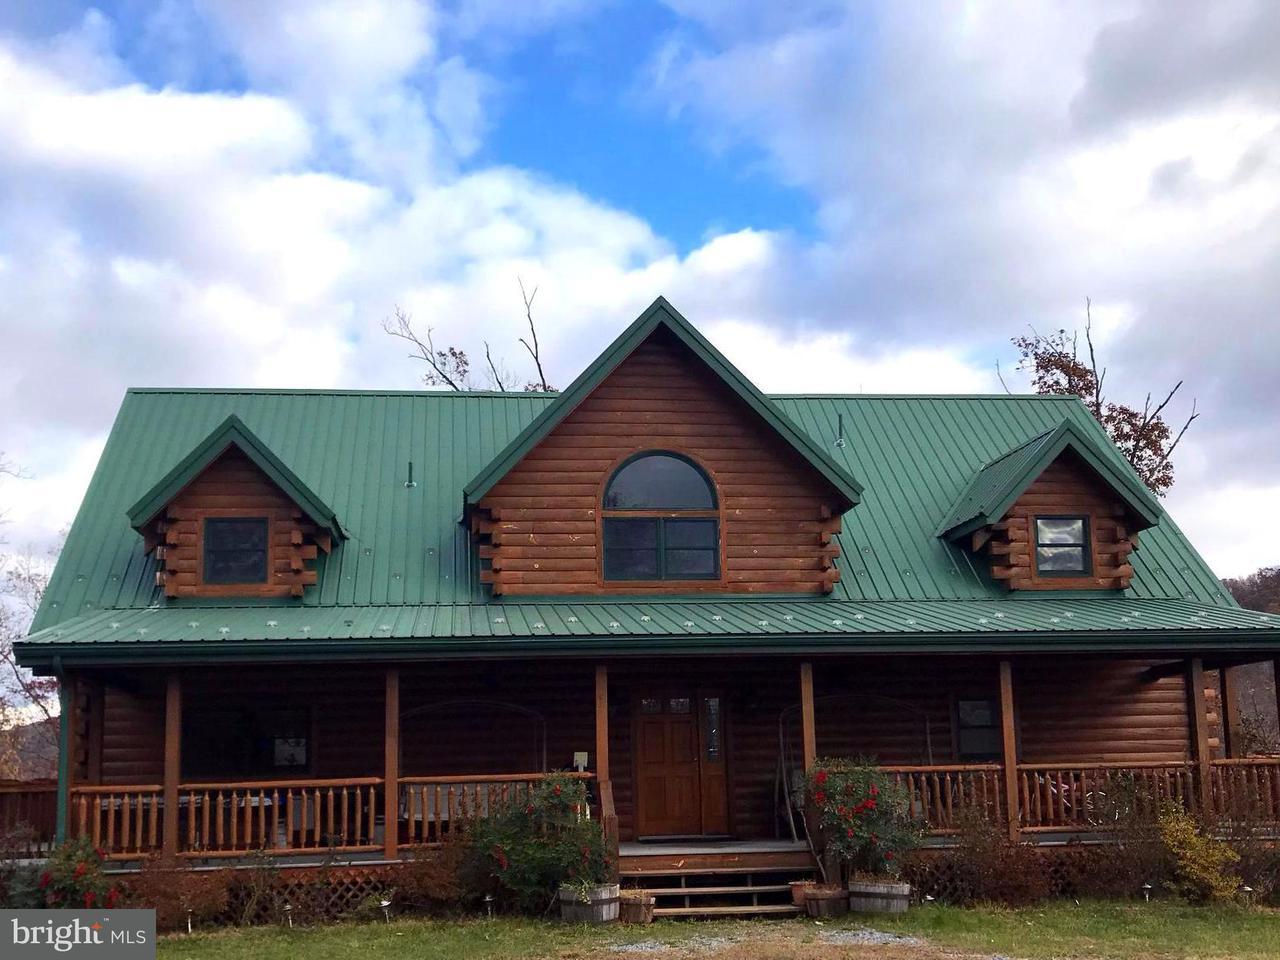 独户住宅 为 销售 在 10 Locust Ridge Road 10 Locust Ridge Road Moorefield, 西弗吉尼亚州 26836 美国